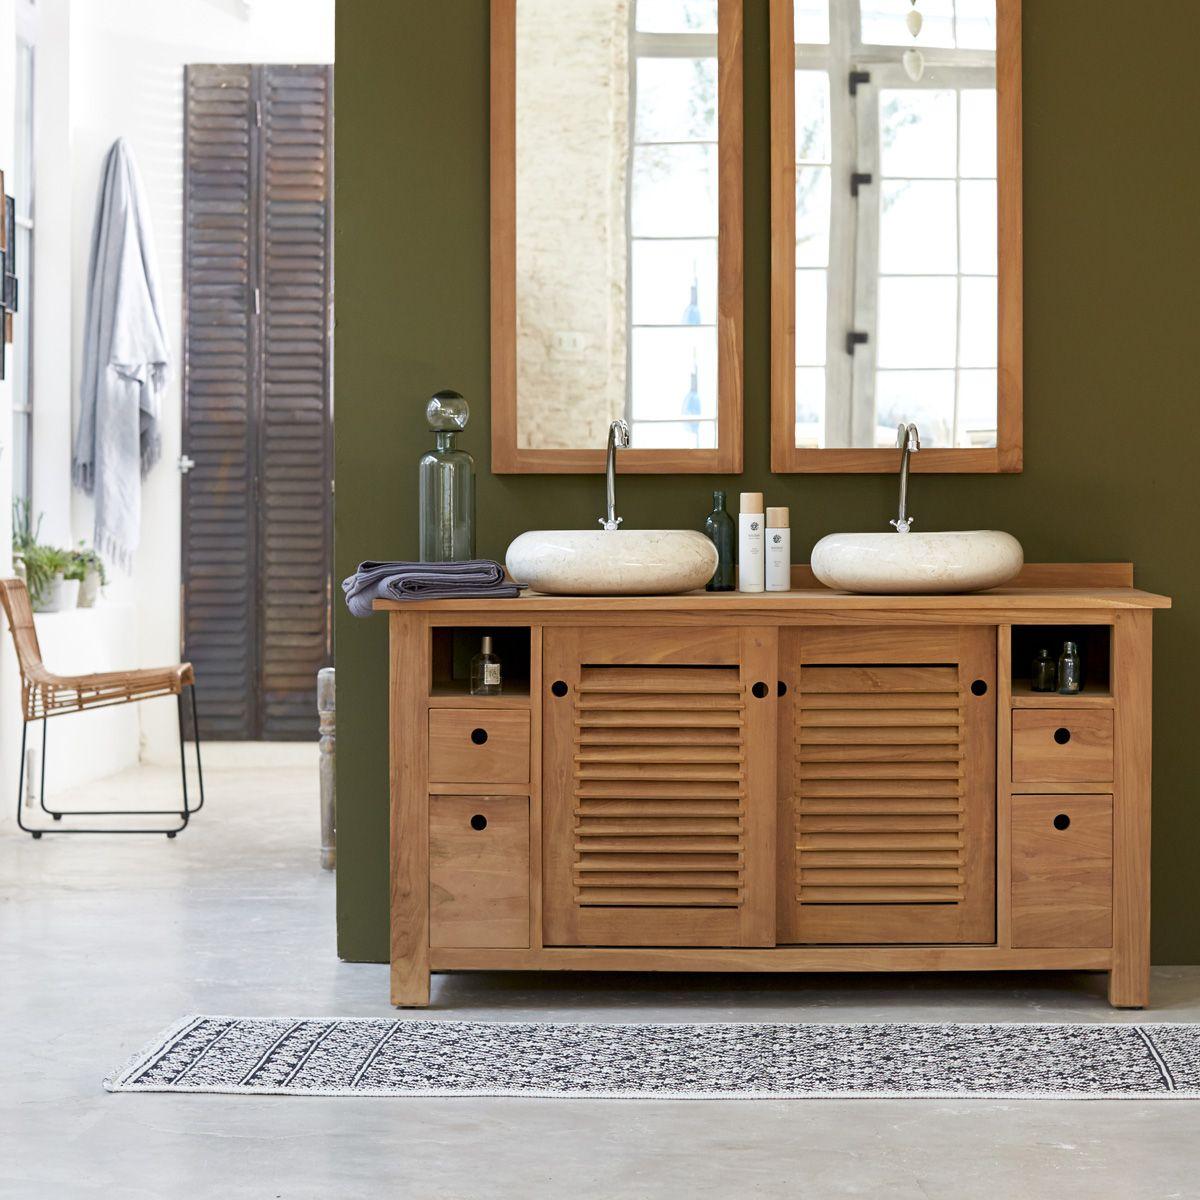 meuble salle de bain bambou solde